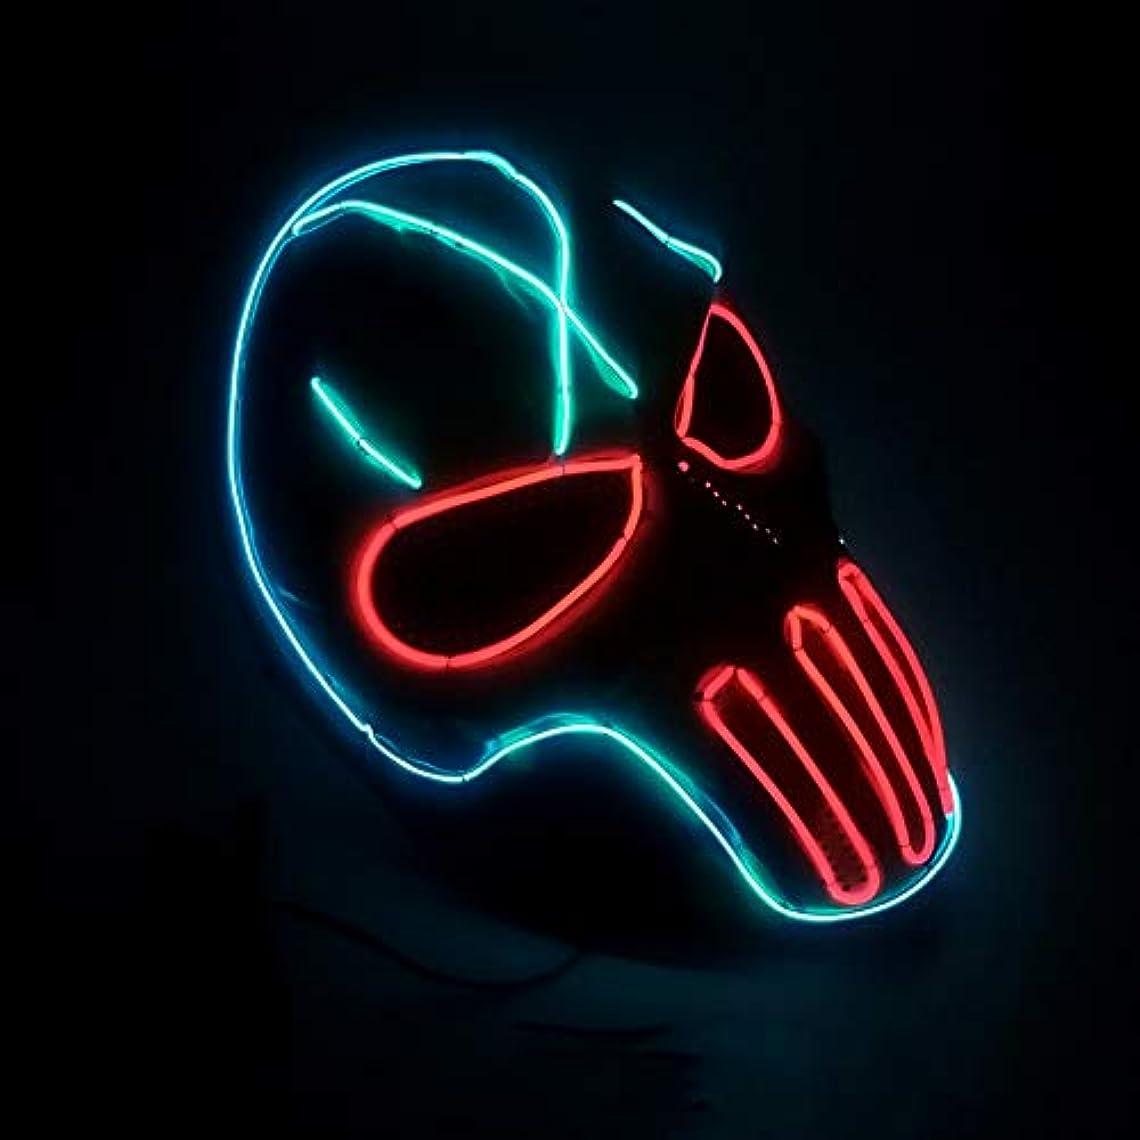 染色弱める資格情報ハロウィン テロ CS Wildfire LED マスク 2個 エルワイヤ イルミネーション 化粧 コスプレ プロム マスク (18×18Cm) MAG.AL